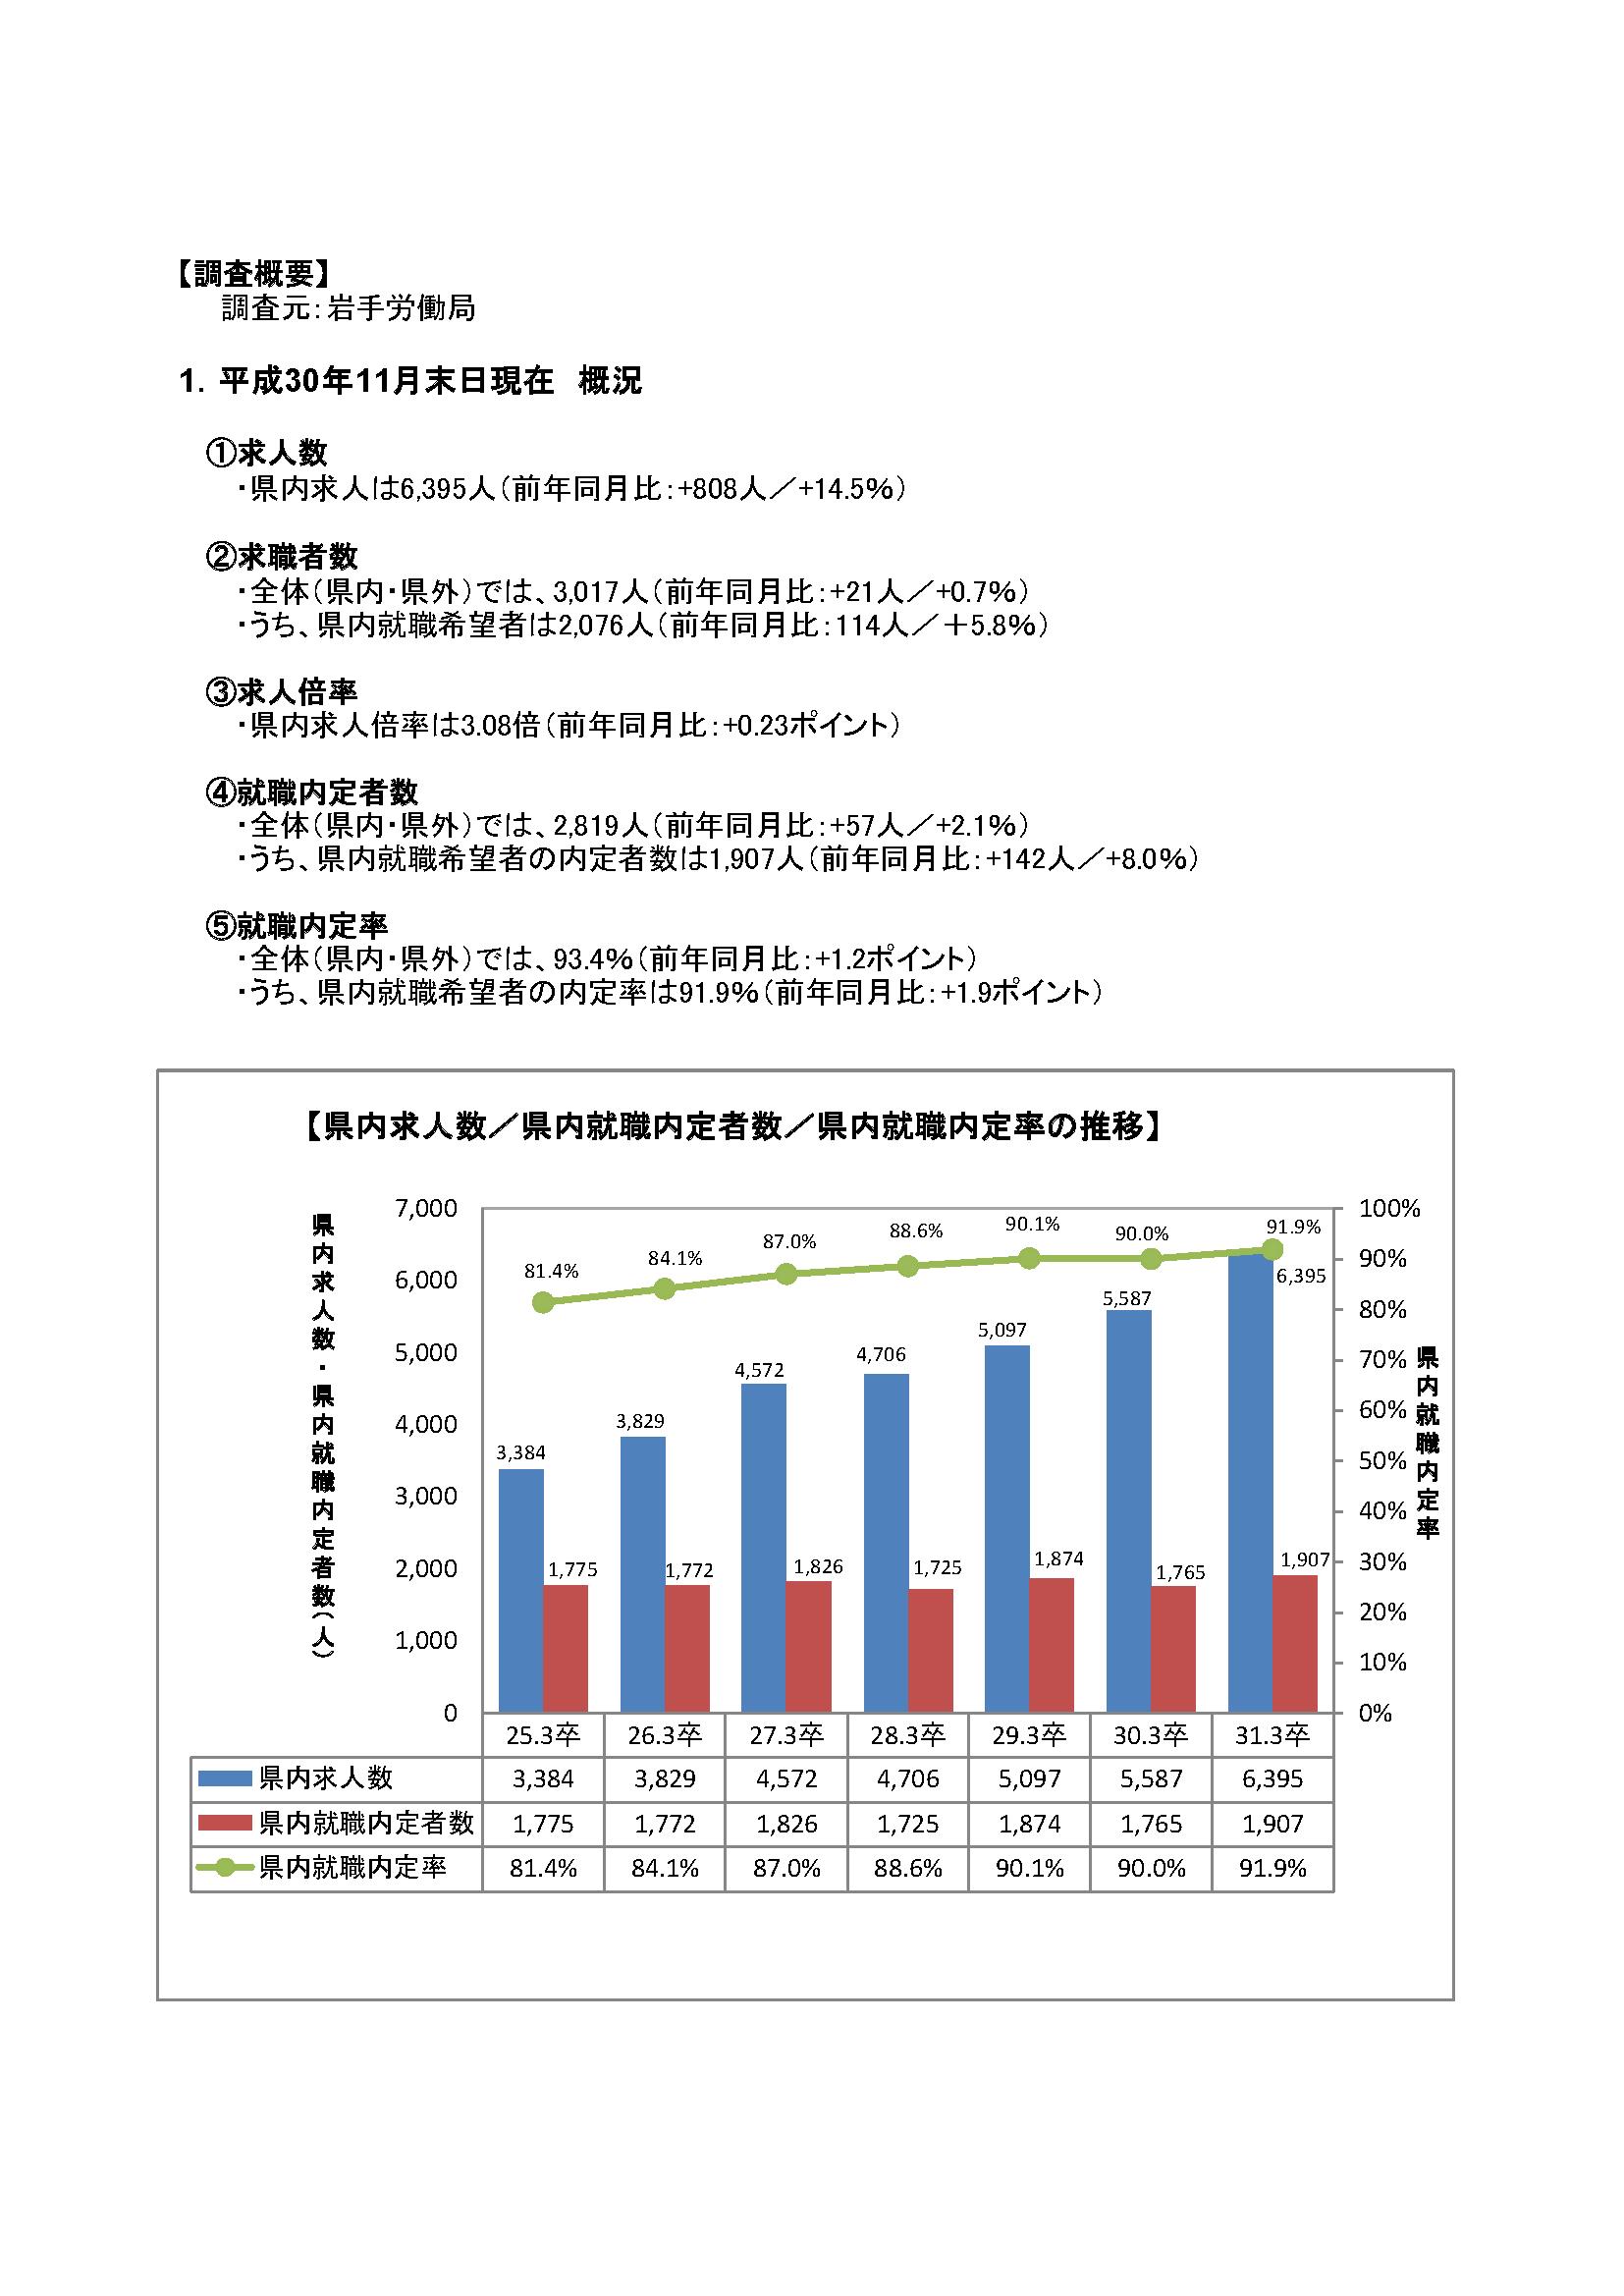 H31.3月高卒者職業紹介状況資料(201811月末現在)